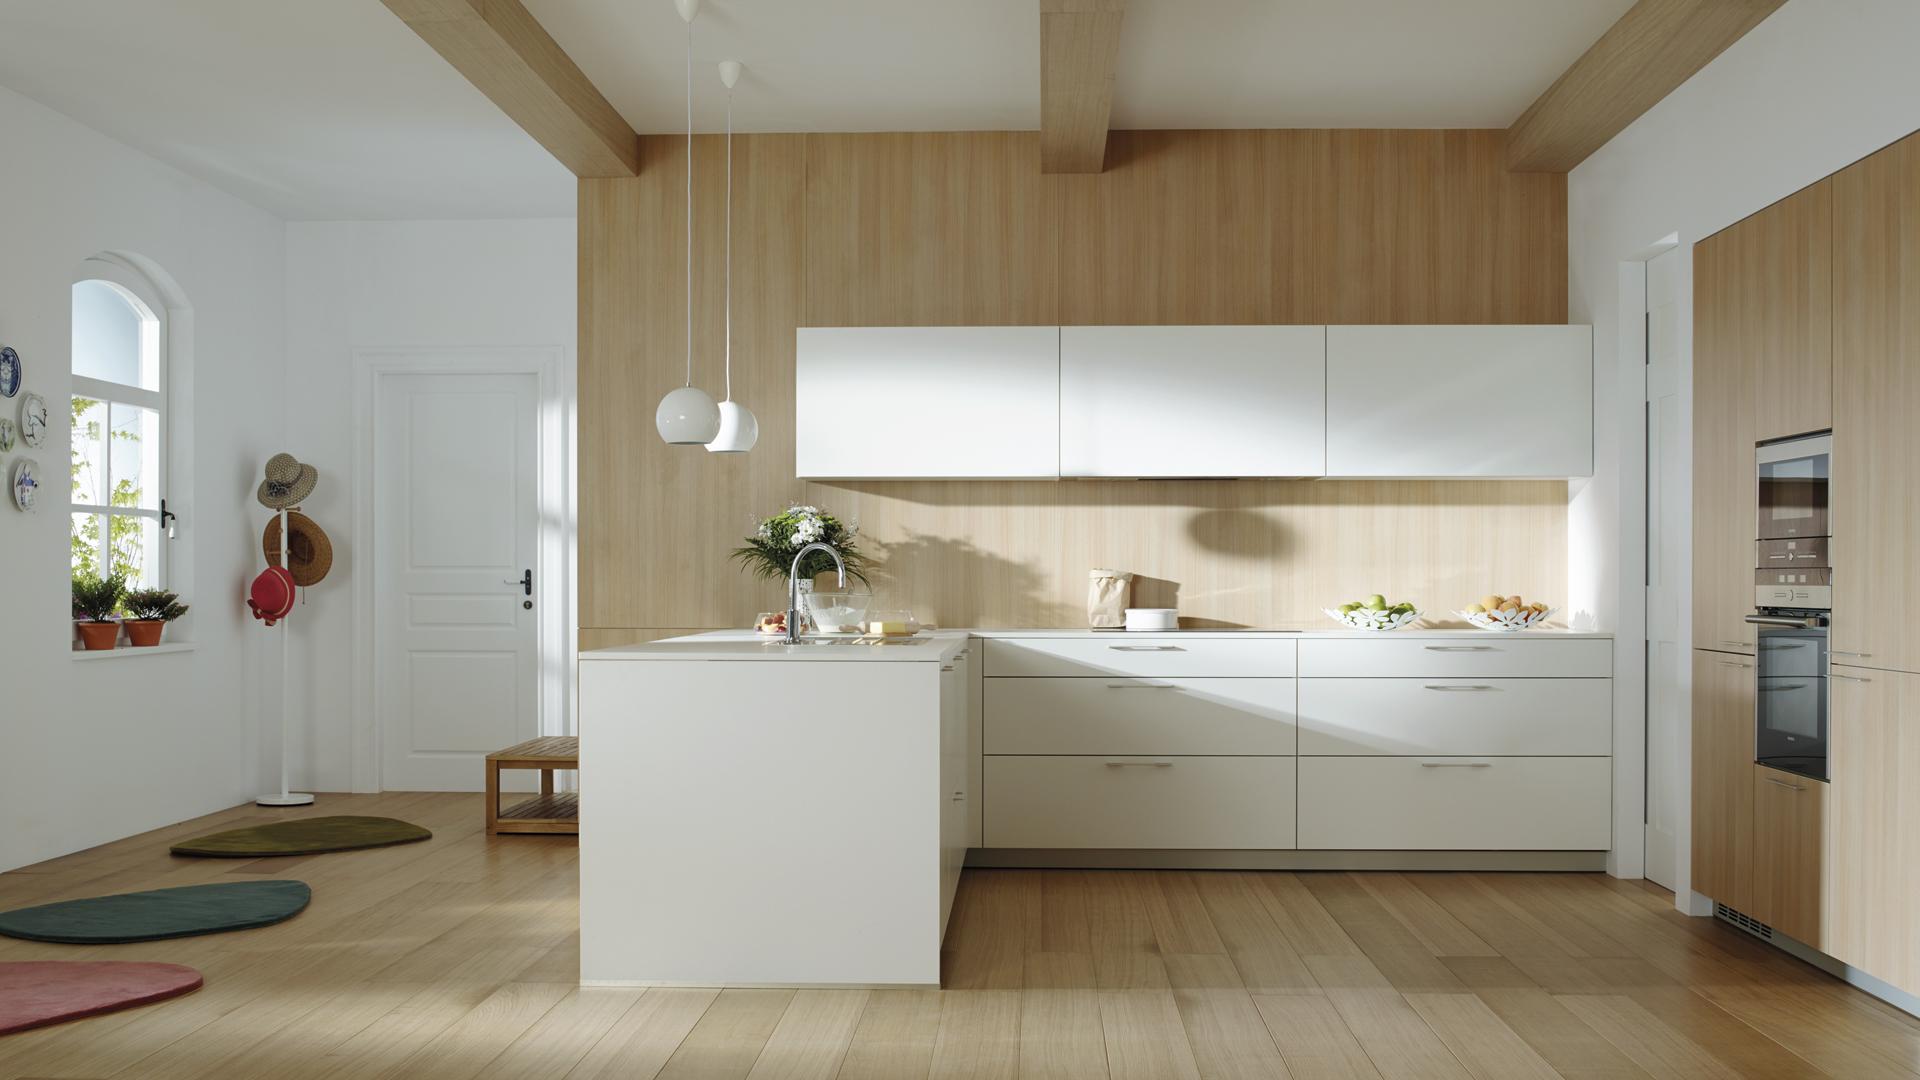 Muebles de cocina Santos: diseños que se adaptan a todos los ...